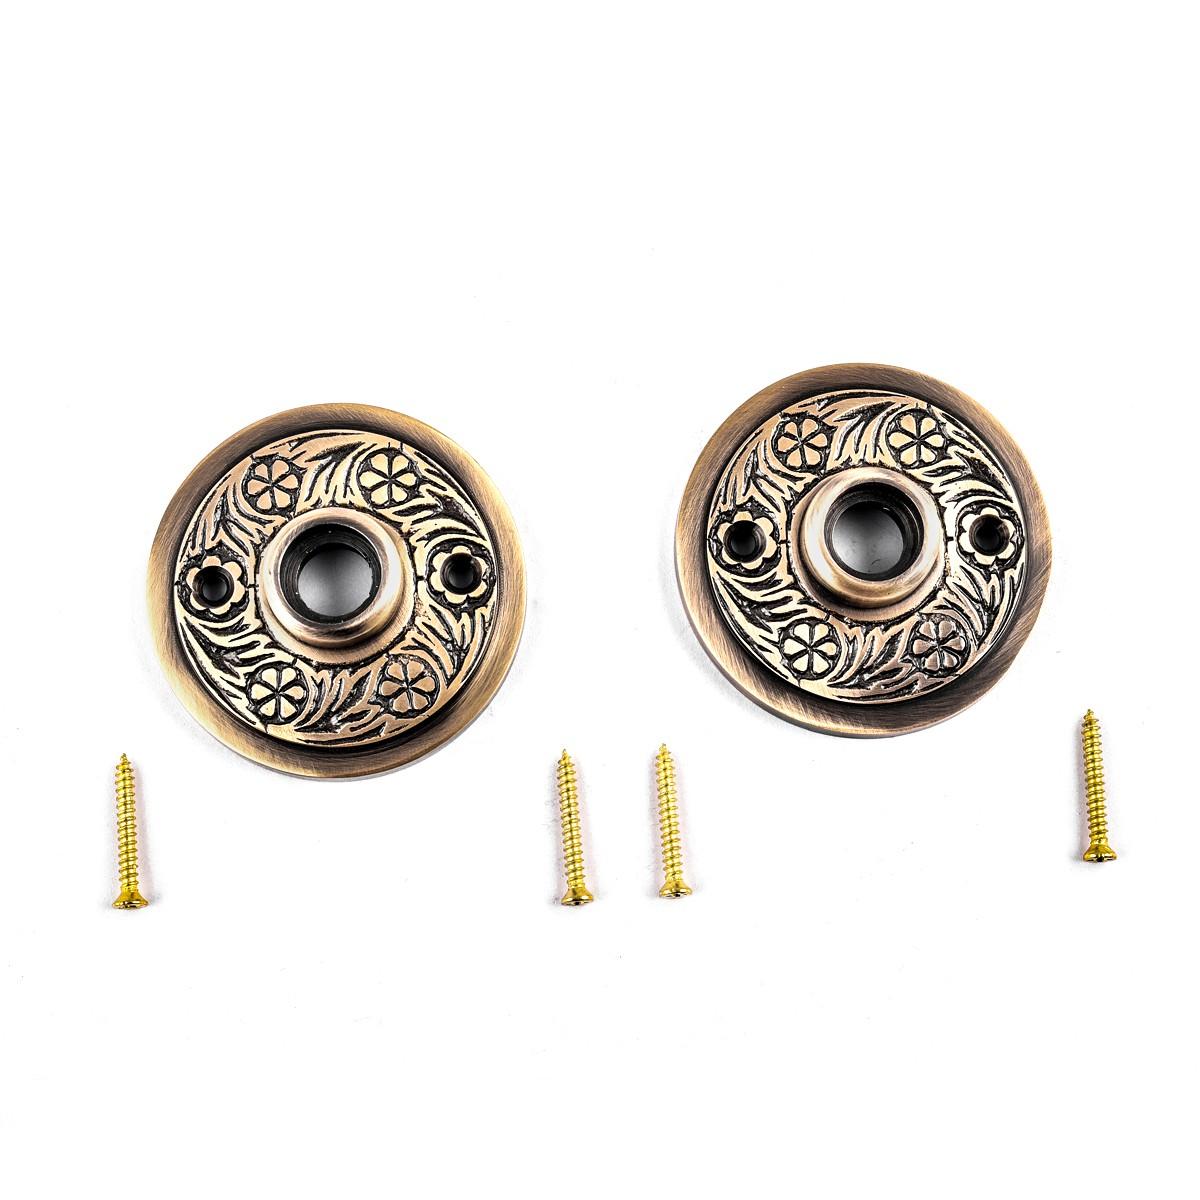 Pair Victorian Rosette Cast Antique Brass 2 716 Door Hardware Door Knob Roses Door Knob Back Plates